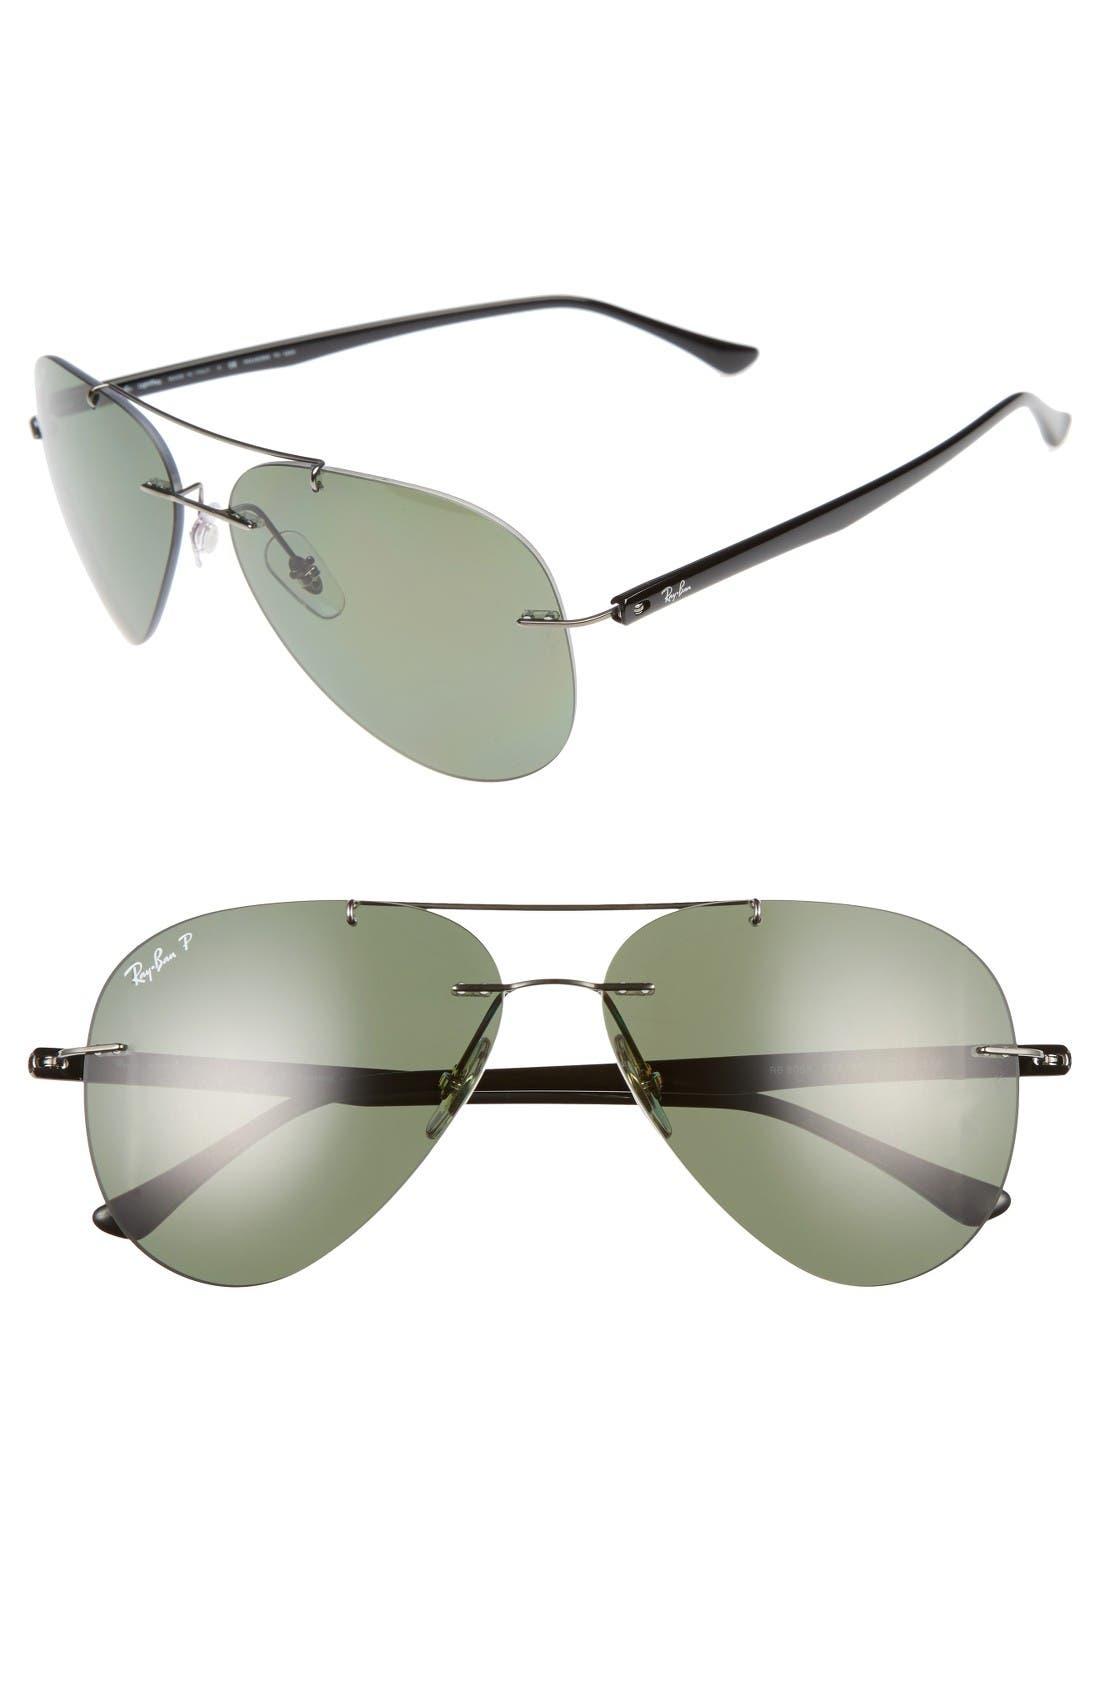 Main Image - Ray-Ban 59mm Polarized Aviator Sunglasses